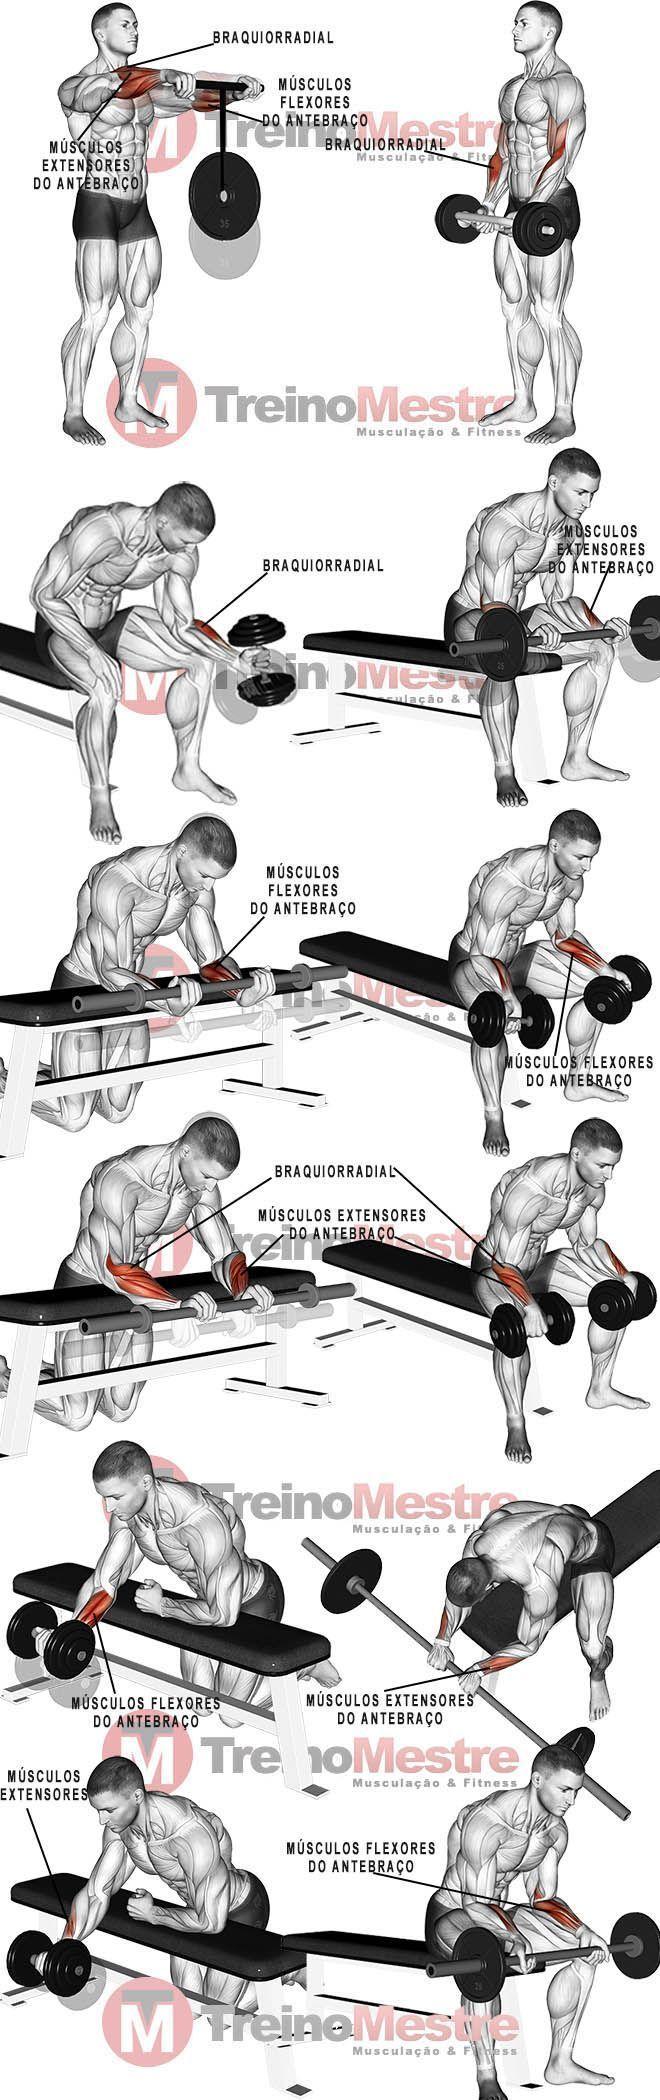 #fitnes #für #muscle fitness #Muskeln #stärkere #Tipps #Übungen #und #Unterarm #Unterarme #YOGA Unte...